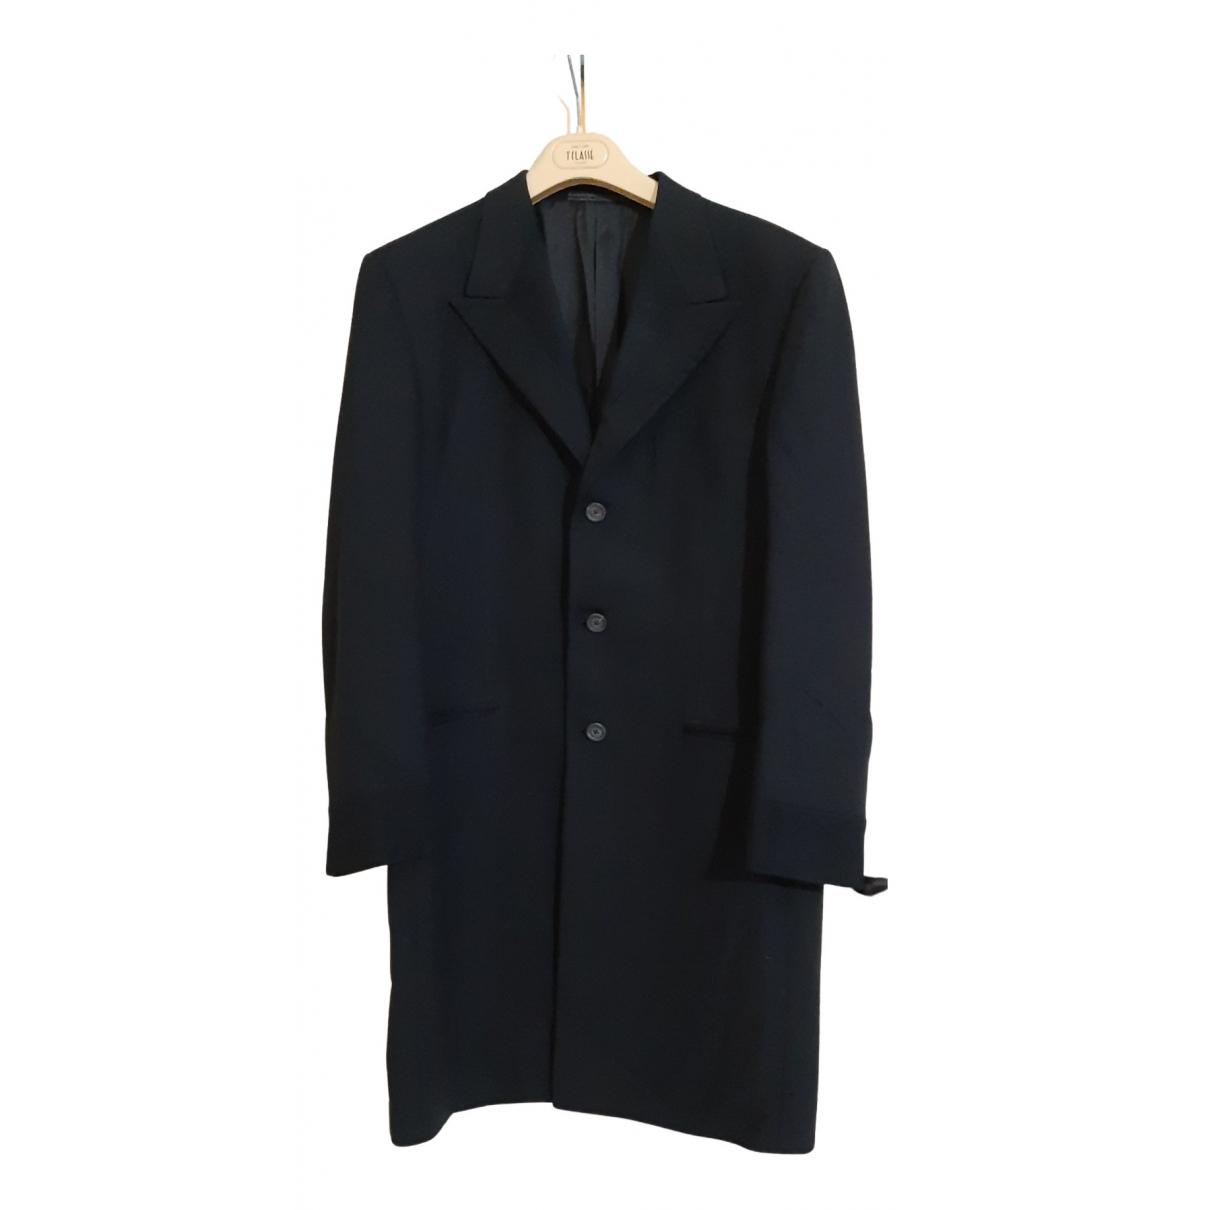 Gianni Versace N Black Wool coat  for Men 50 IT